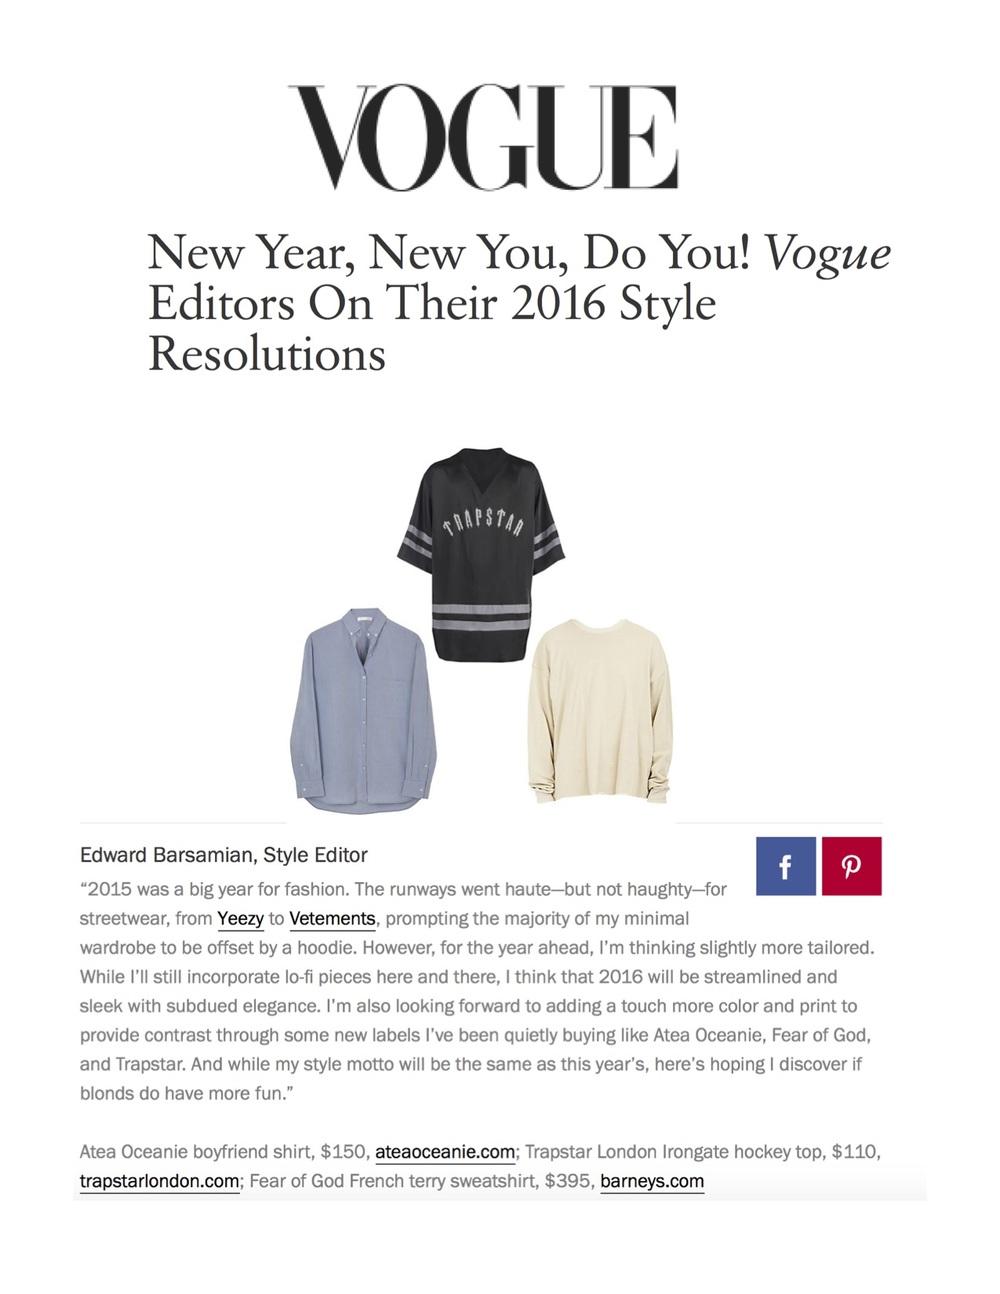 via Vogue Magazine.